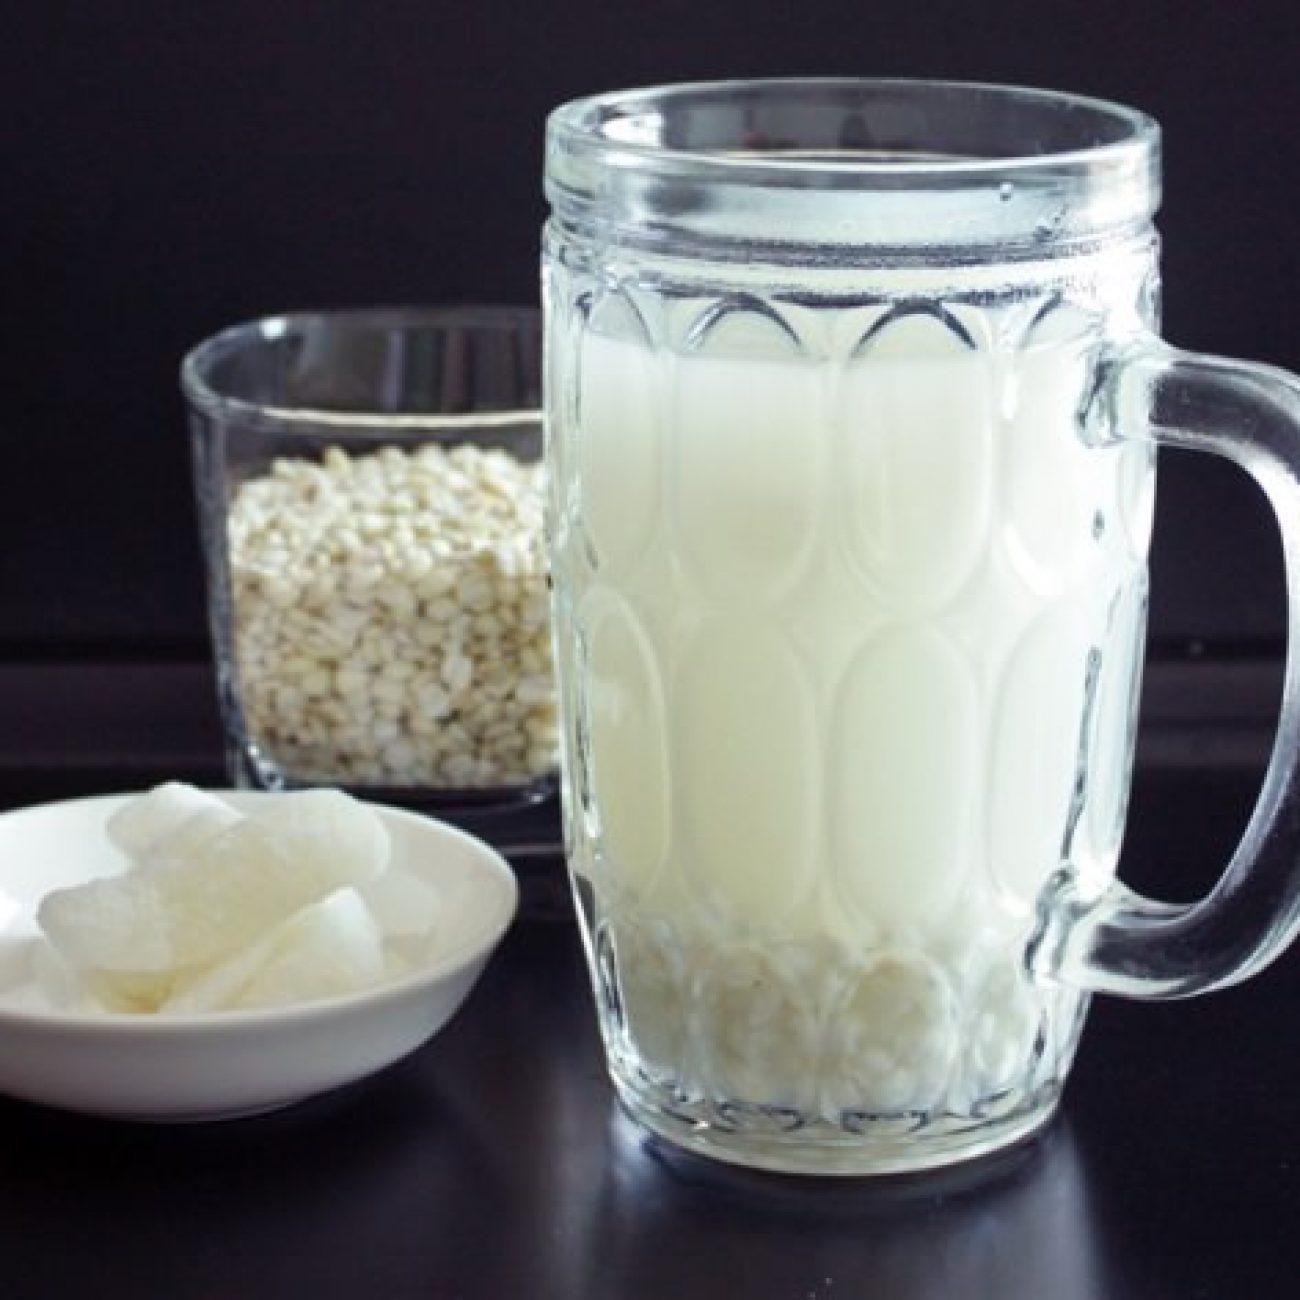 Barley Drink (薏米水 Yimi Shui)